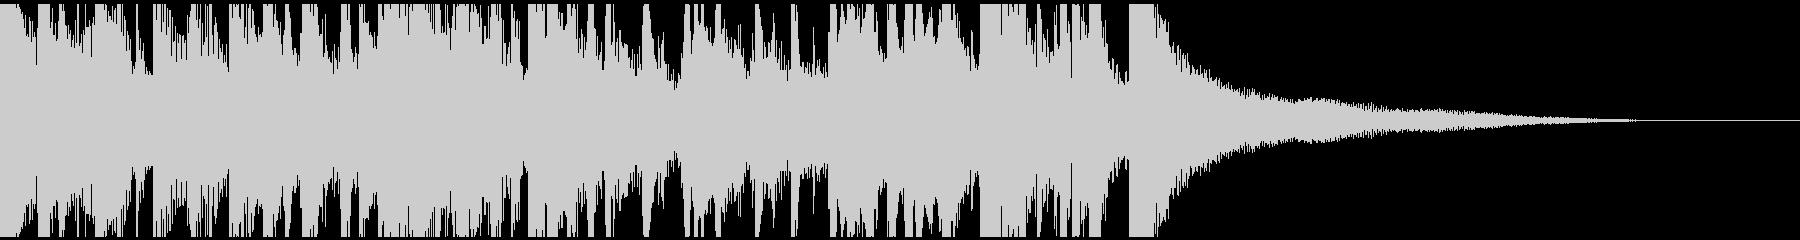 生音バンジョーの軽快なジングルの未再生の波形